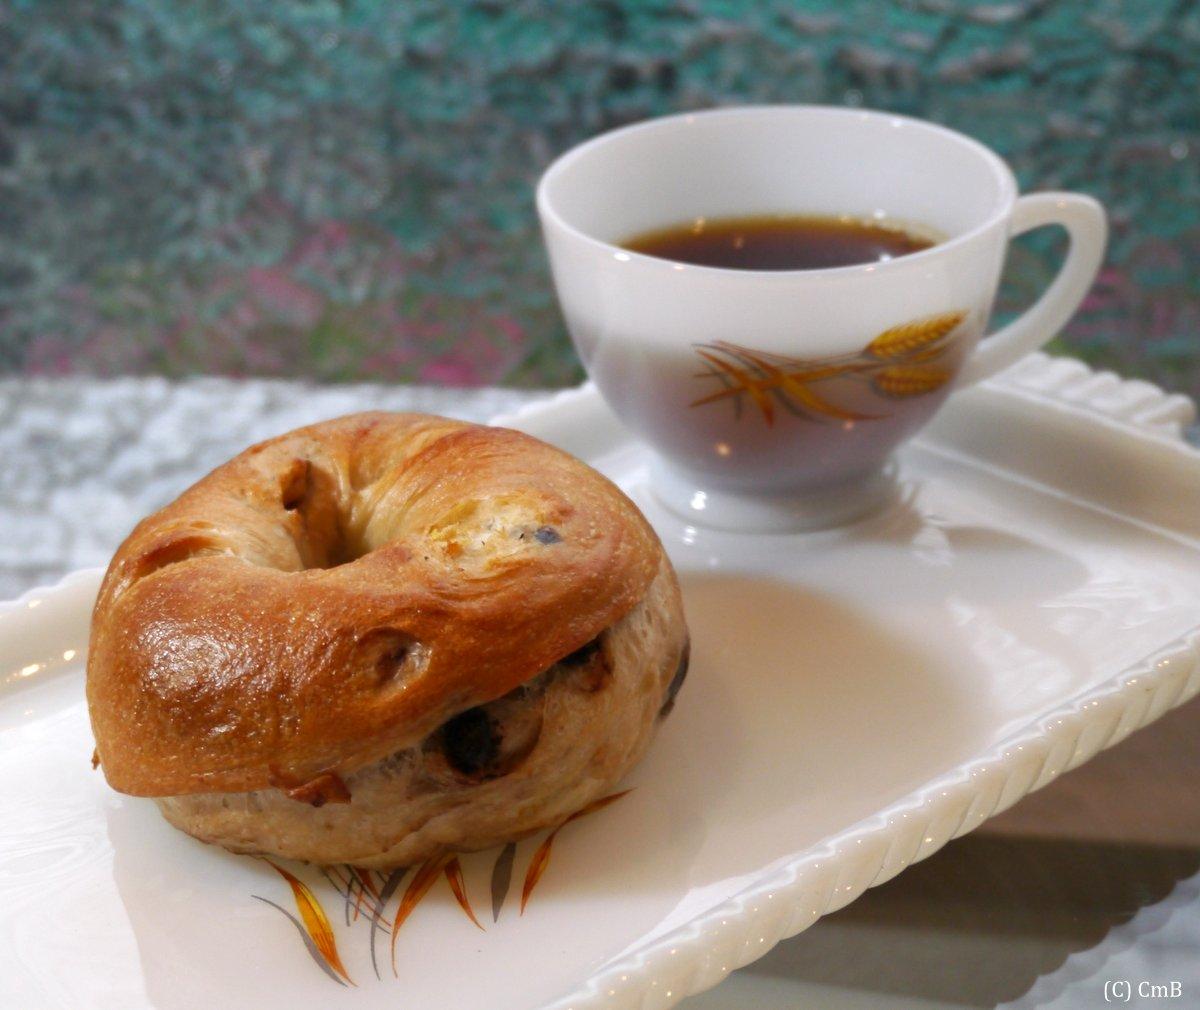 ツキイチコンボ(コーヒー豆とベーグルのお買い得セット)